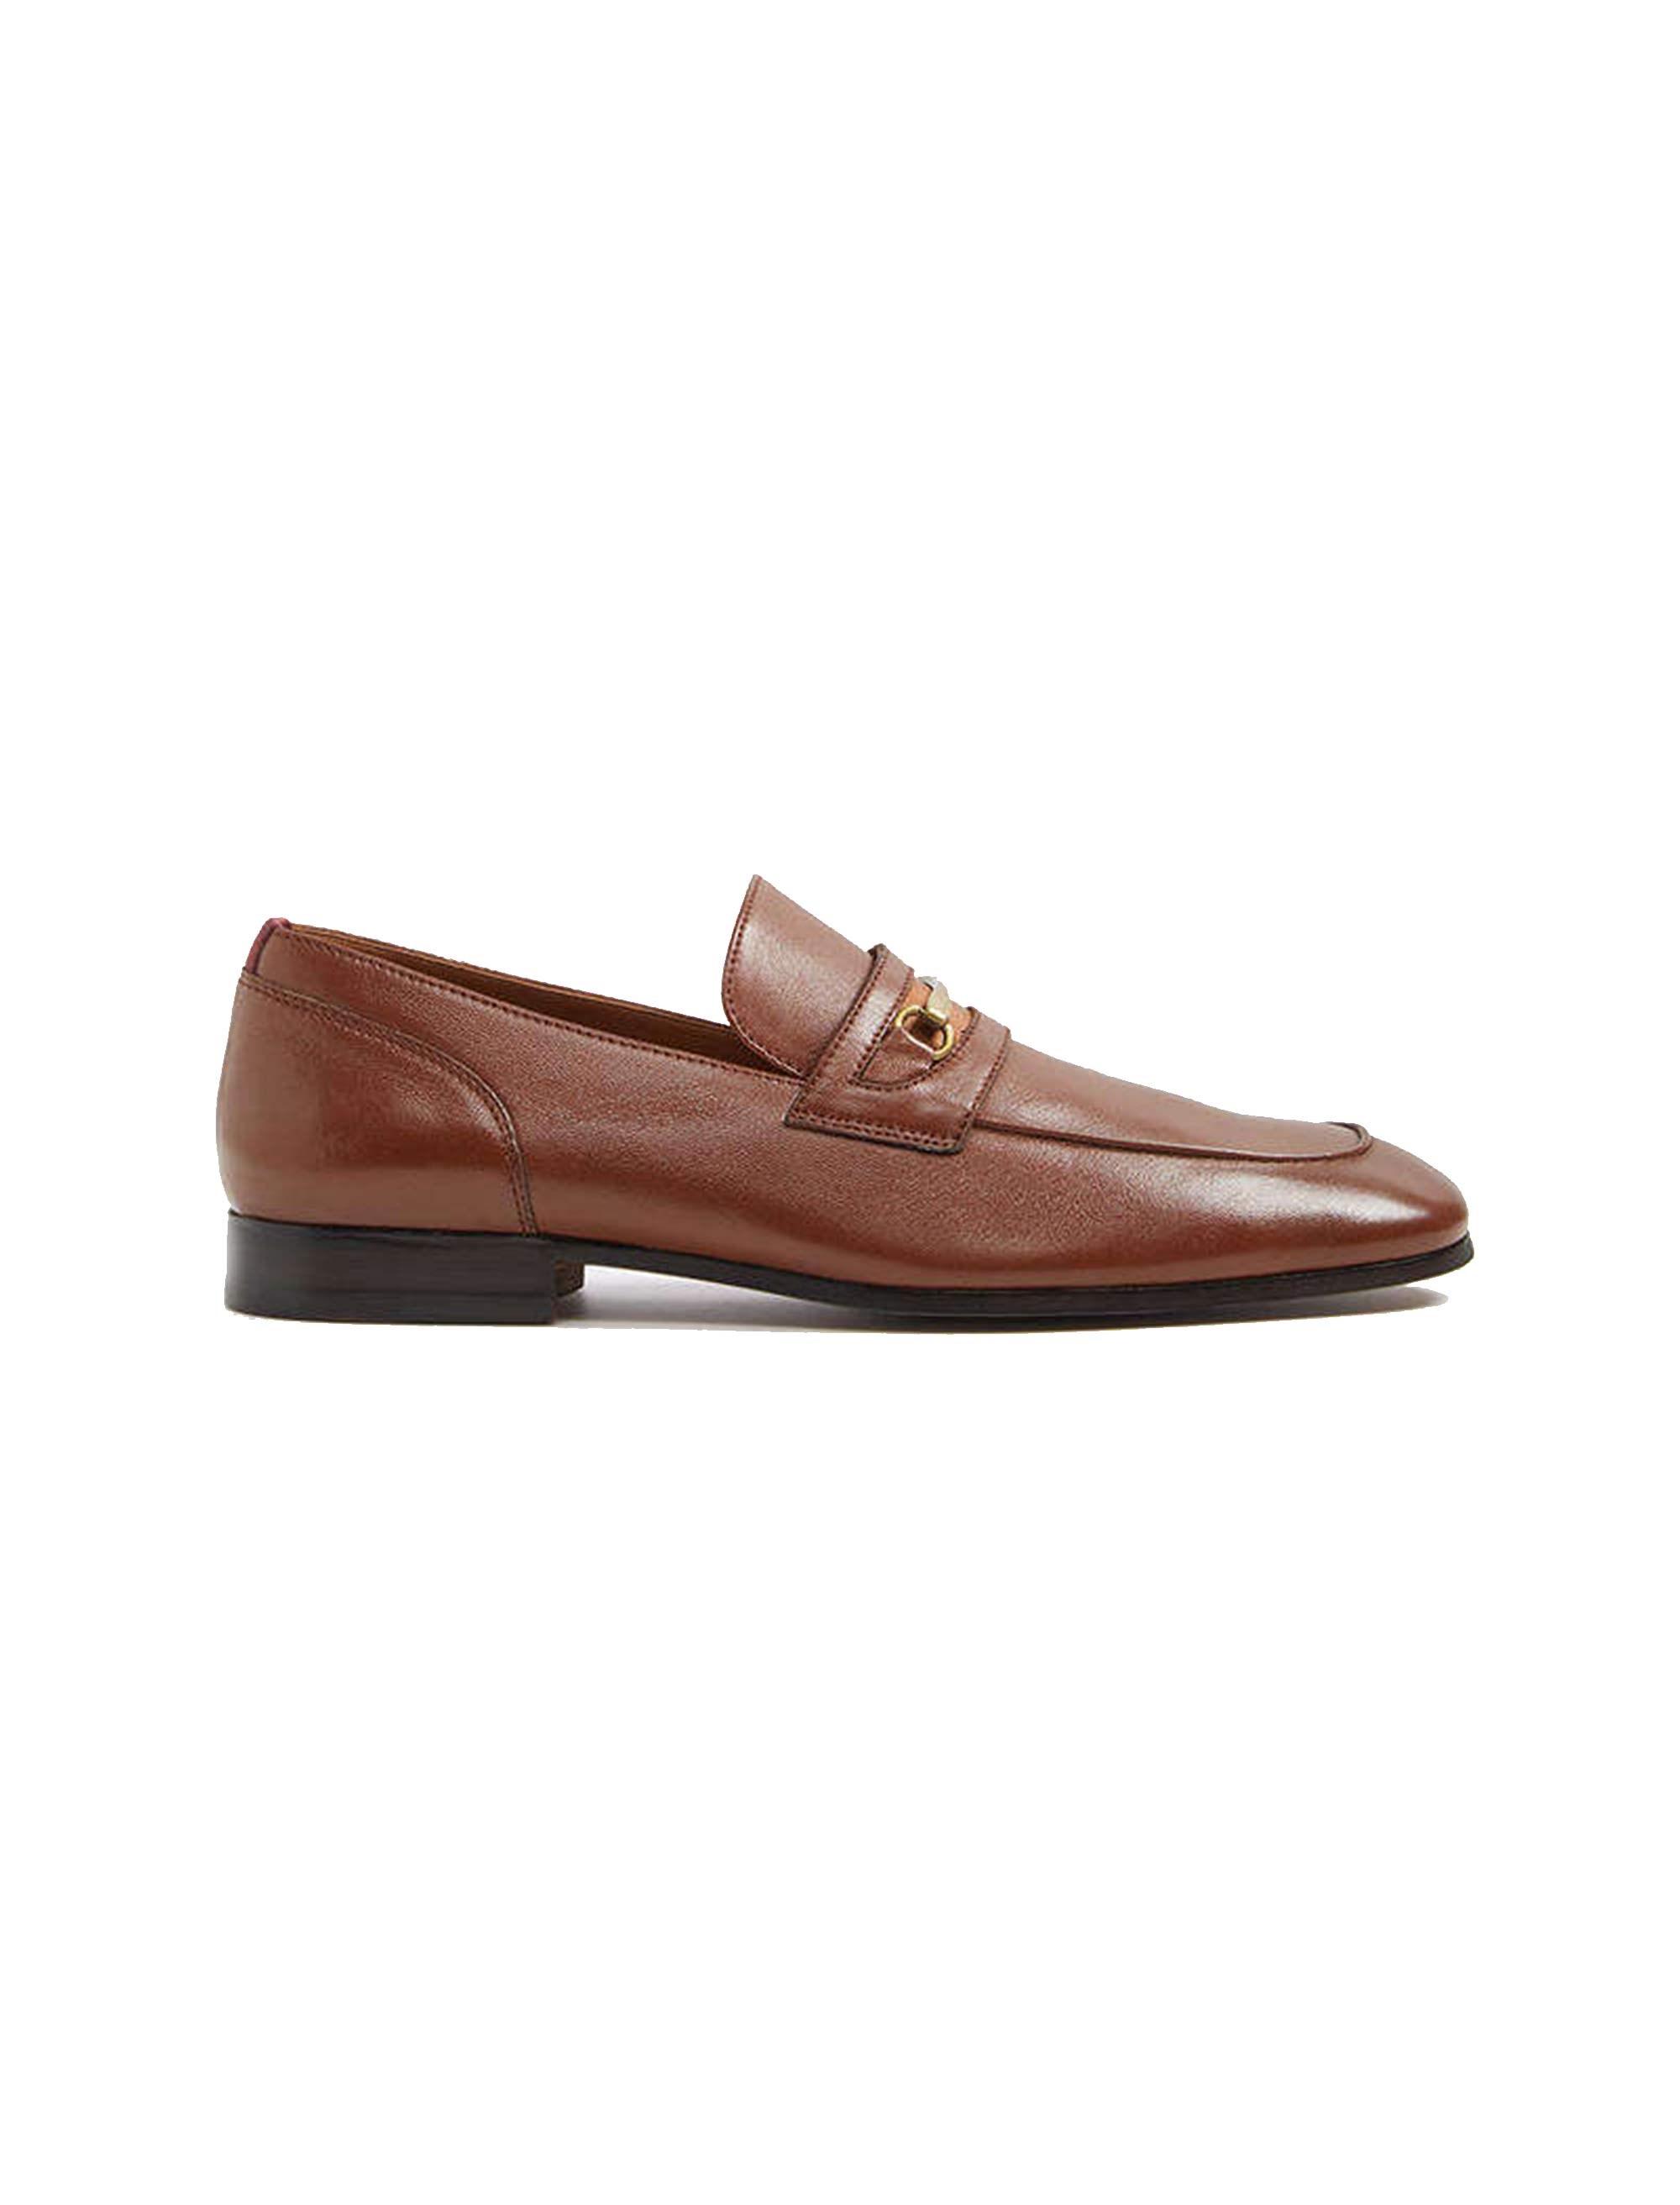 کفش اداری چرم مردانه - آلدو - قهوه اي - 1